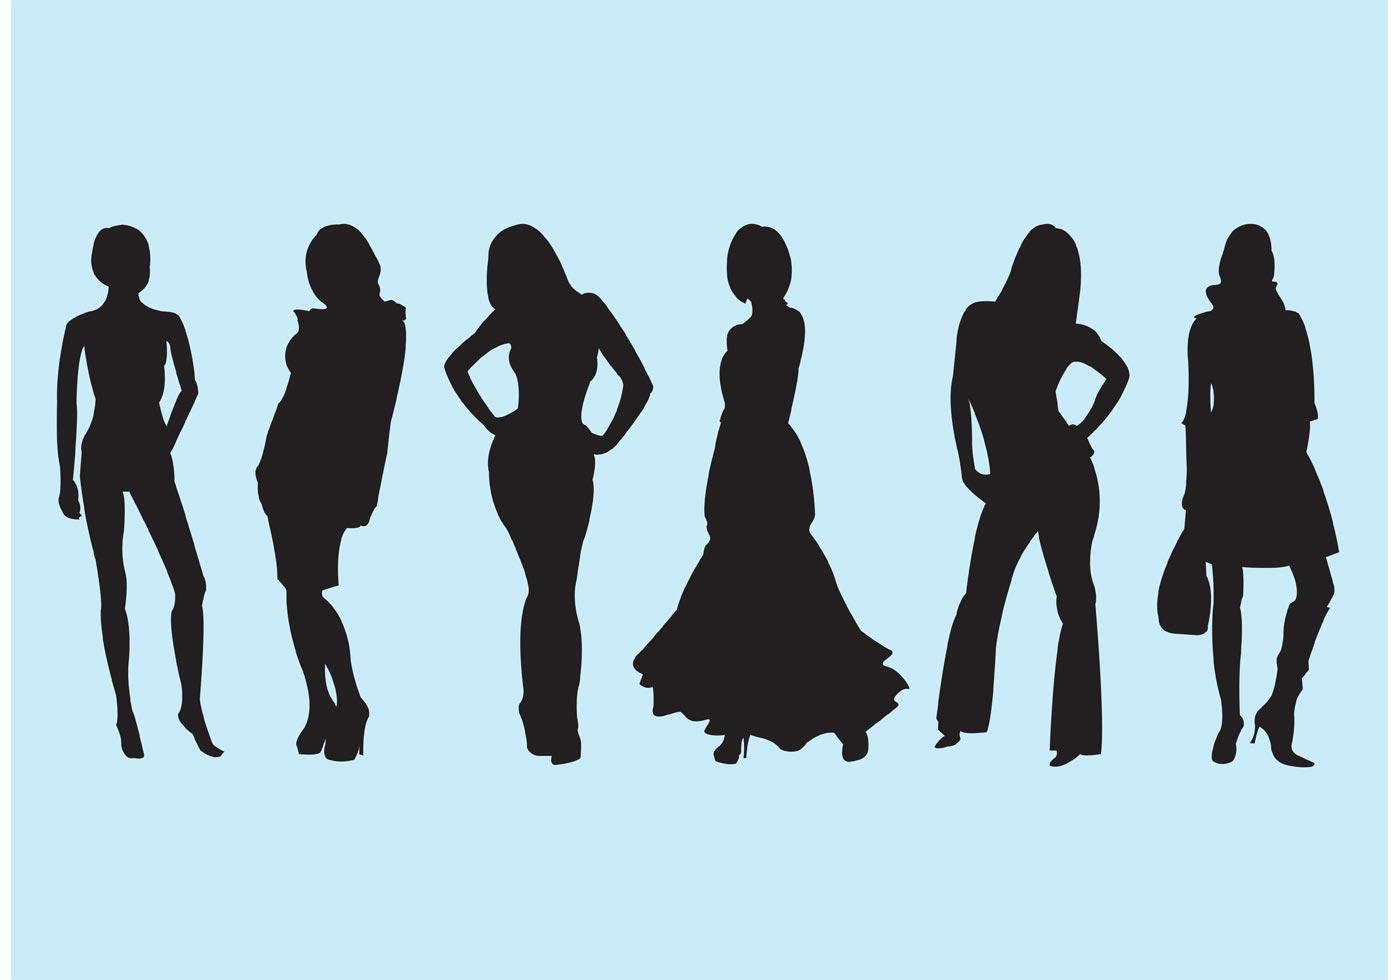 fashion silhouette description - HD1400×980